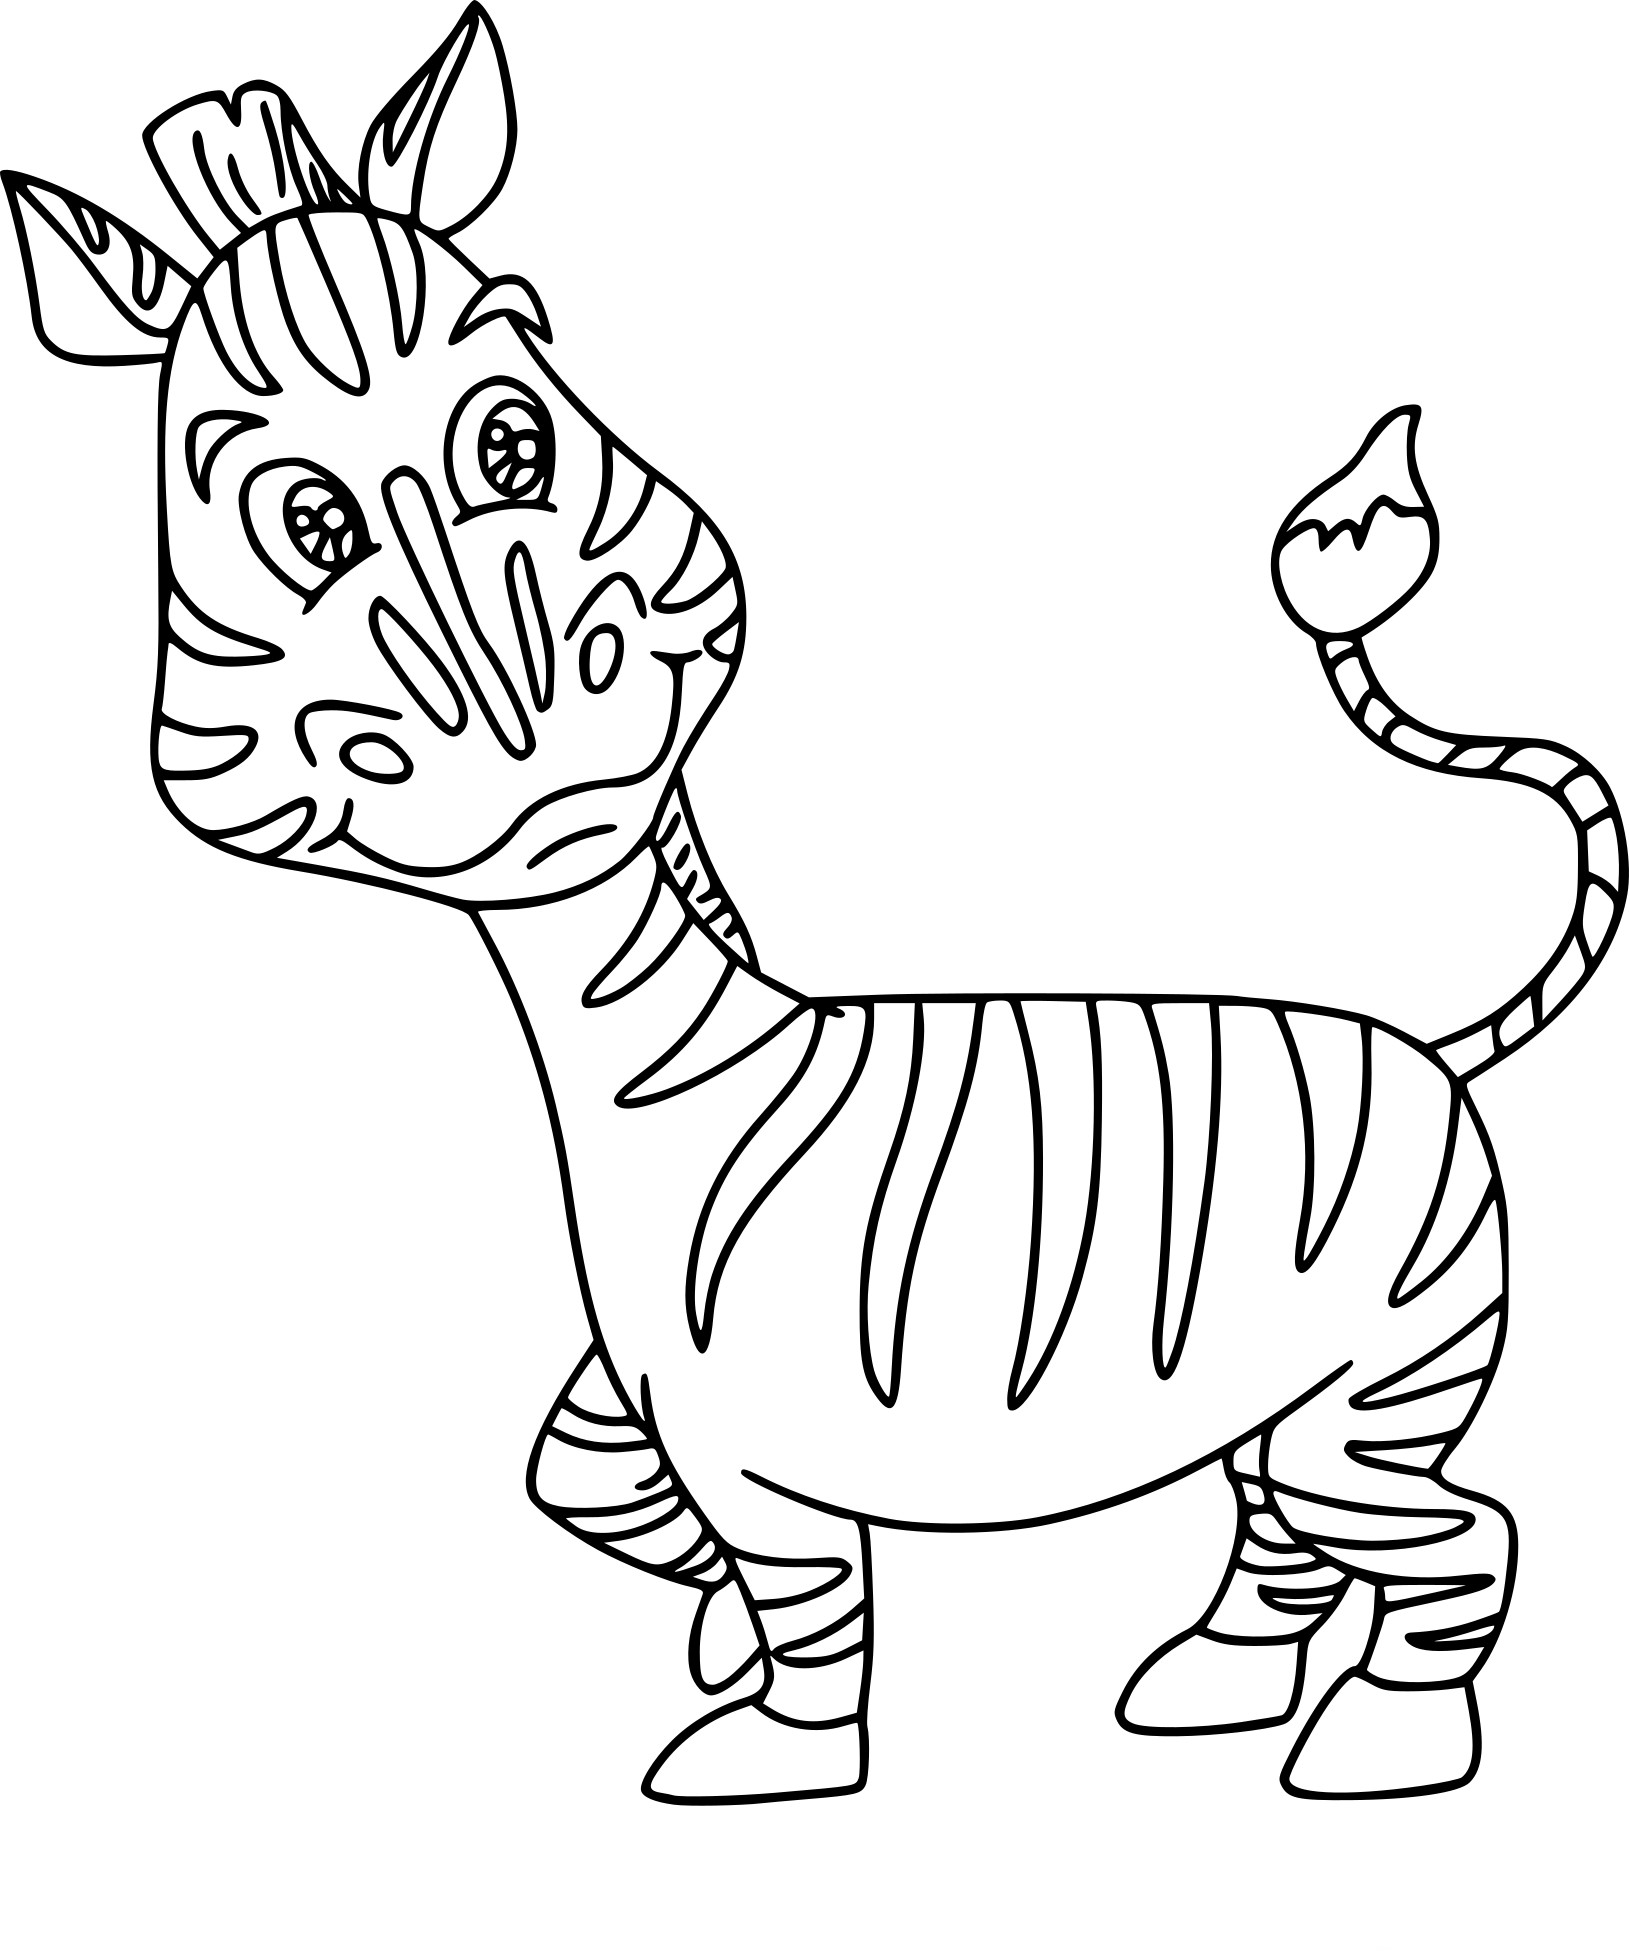 Coloriage petit zebre imprimer - Coloriage zebre a imprimer ...